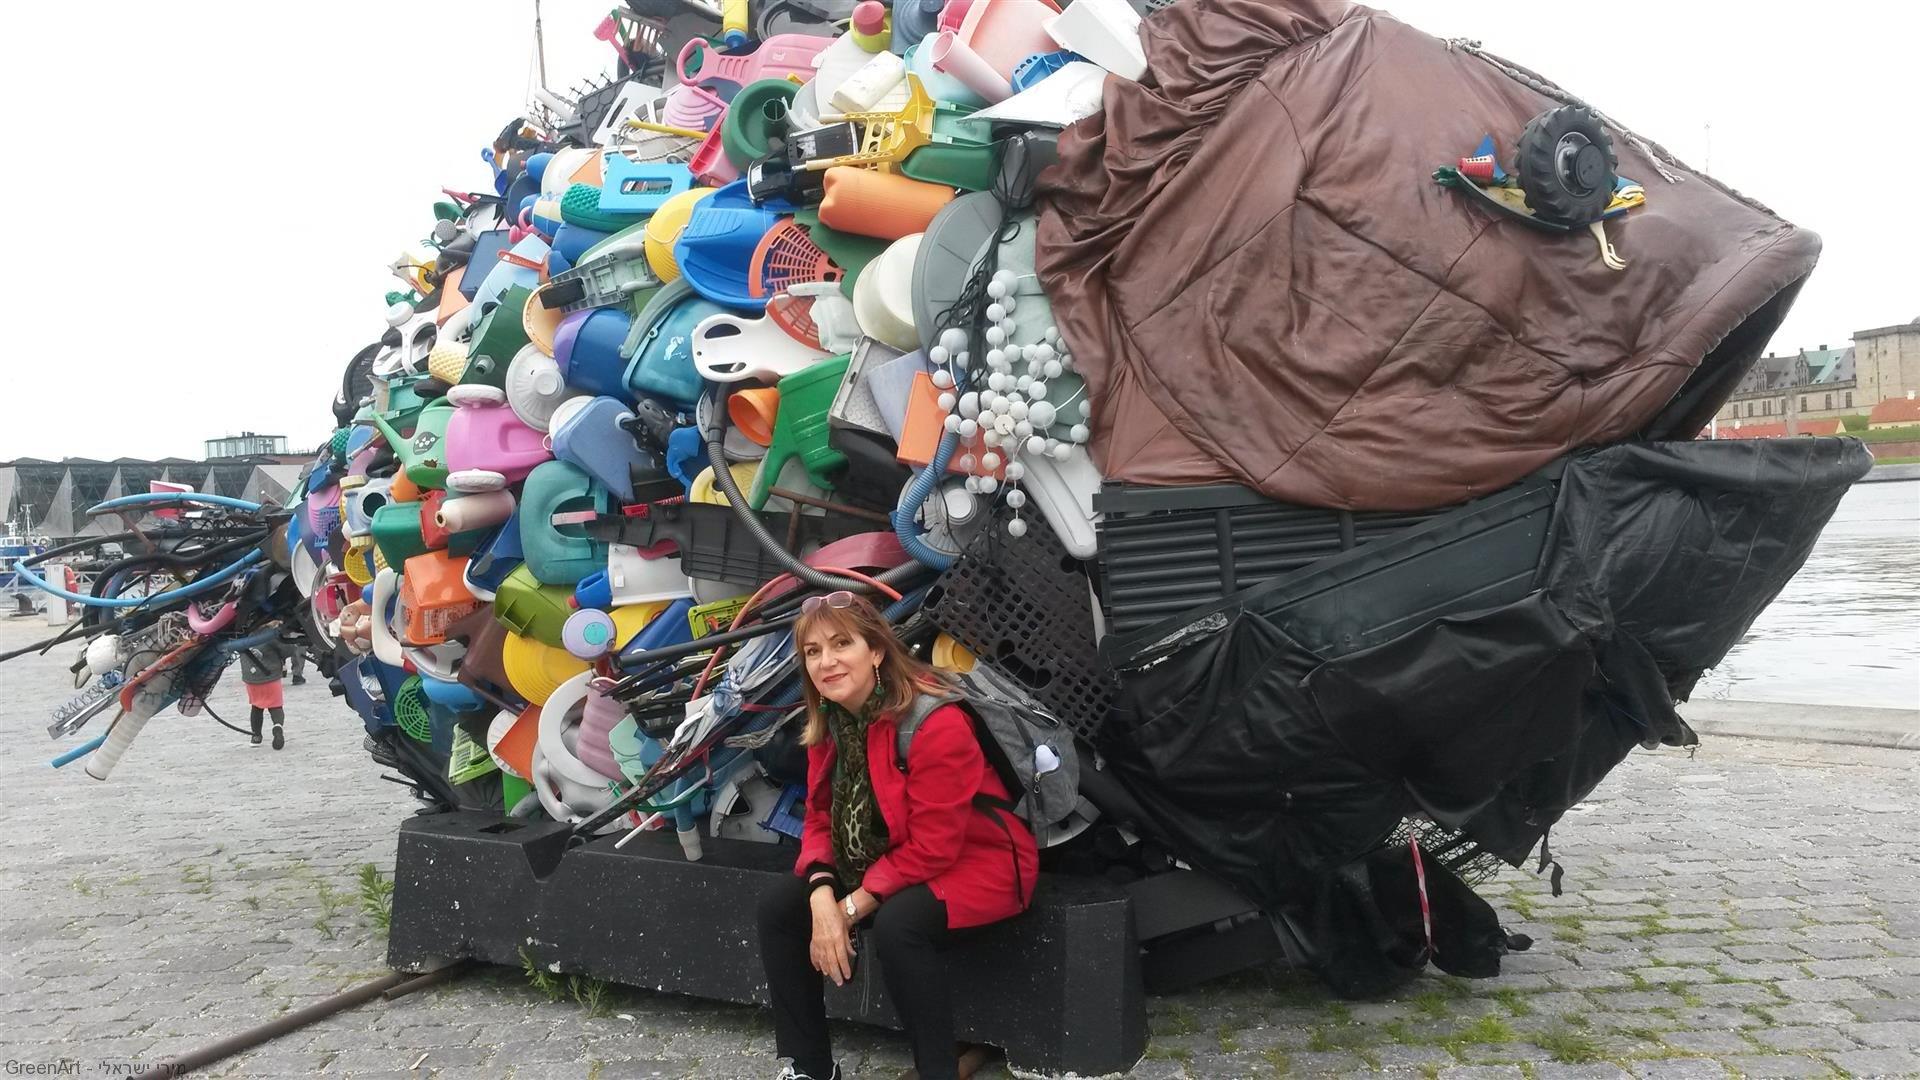 פיסול סביבתי במזח העיר הלסינגור שבוצע עם הקהילה לקידום המודעות לשימור הסביבה